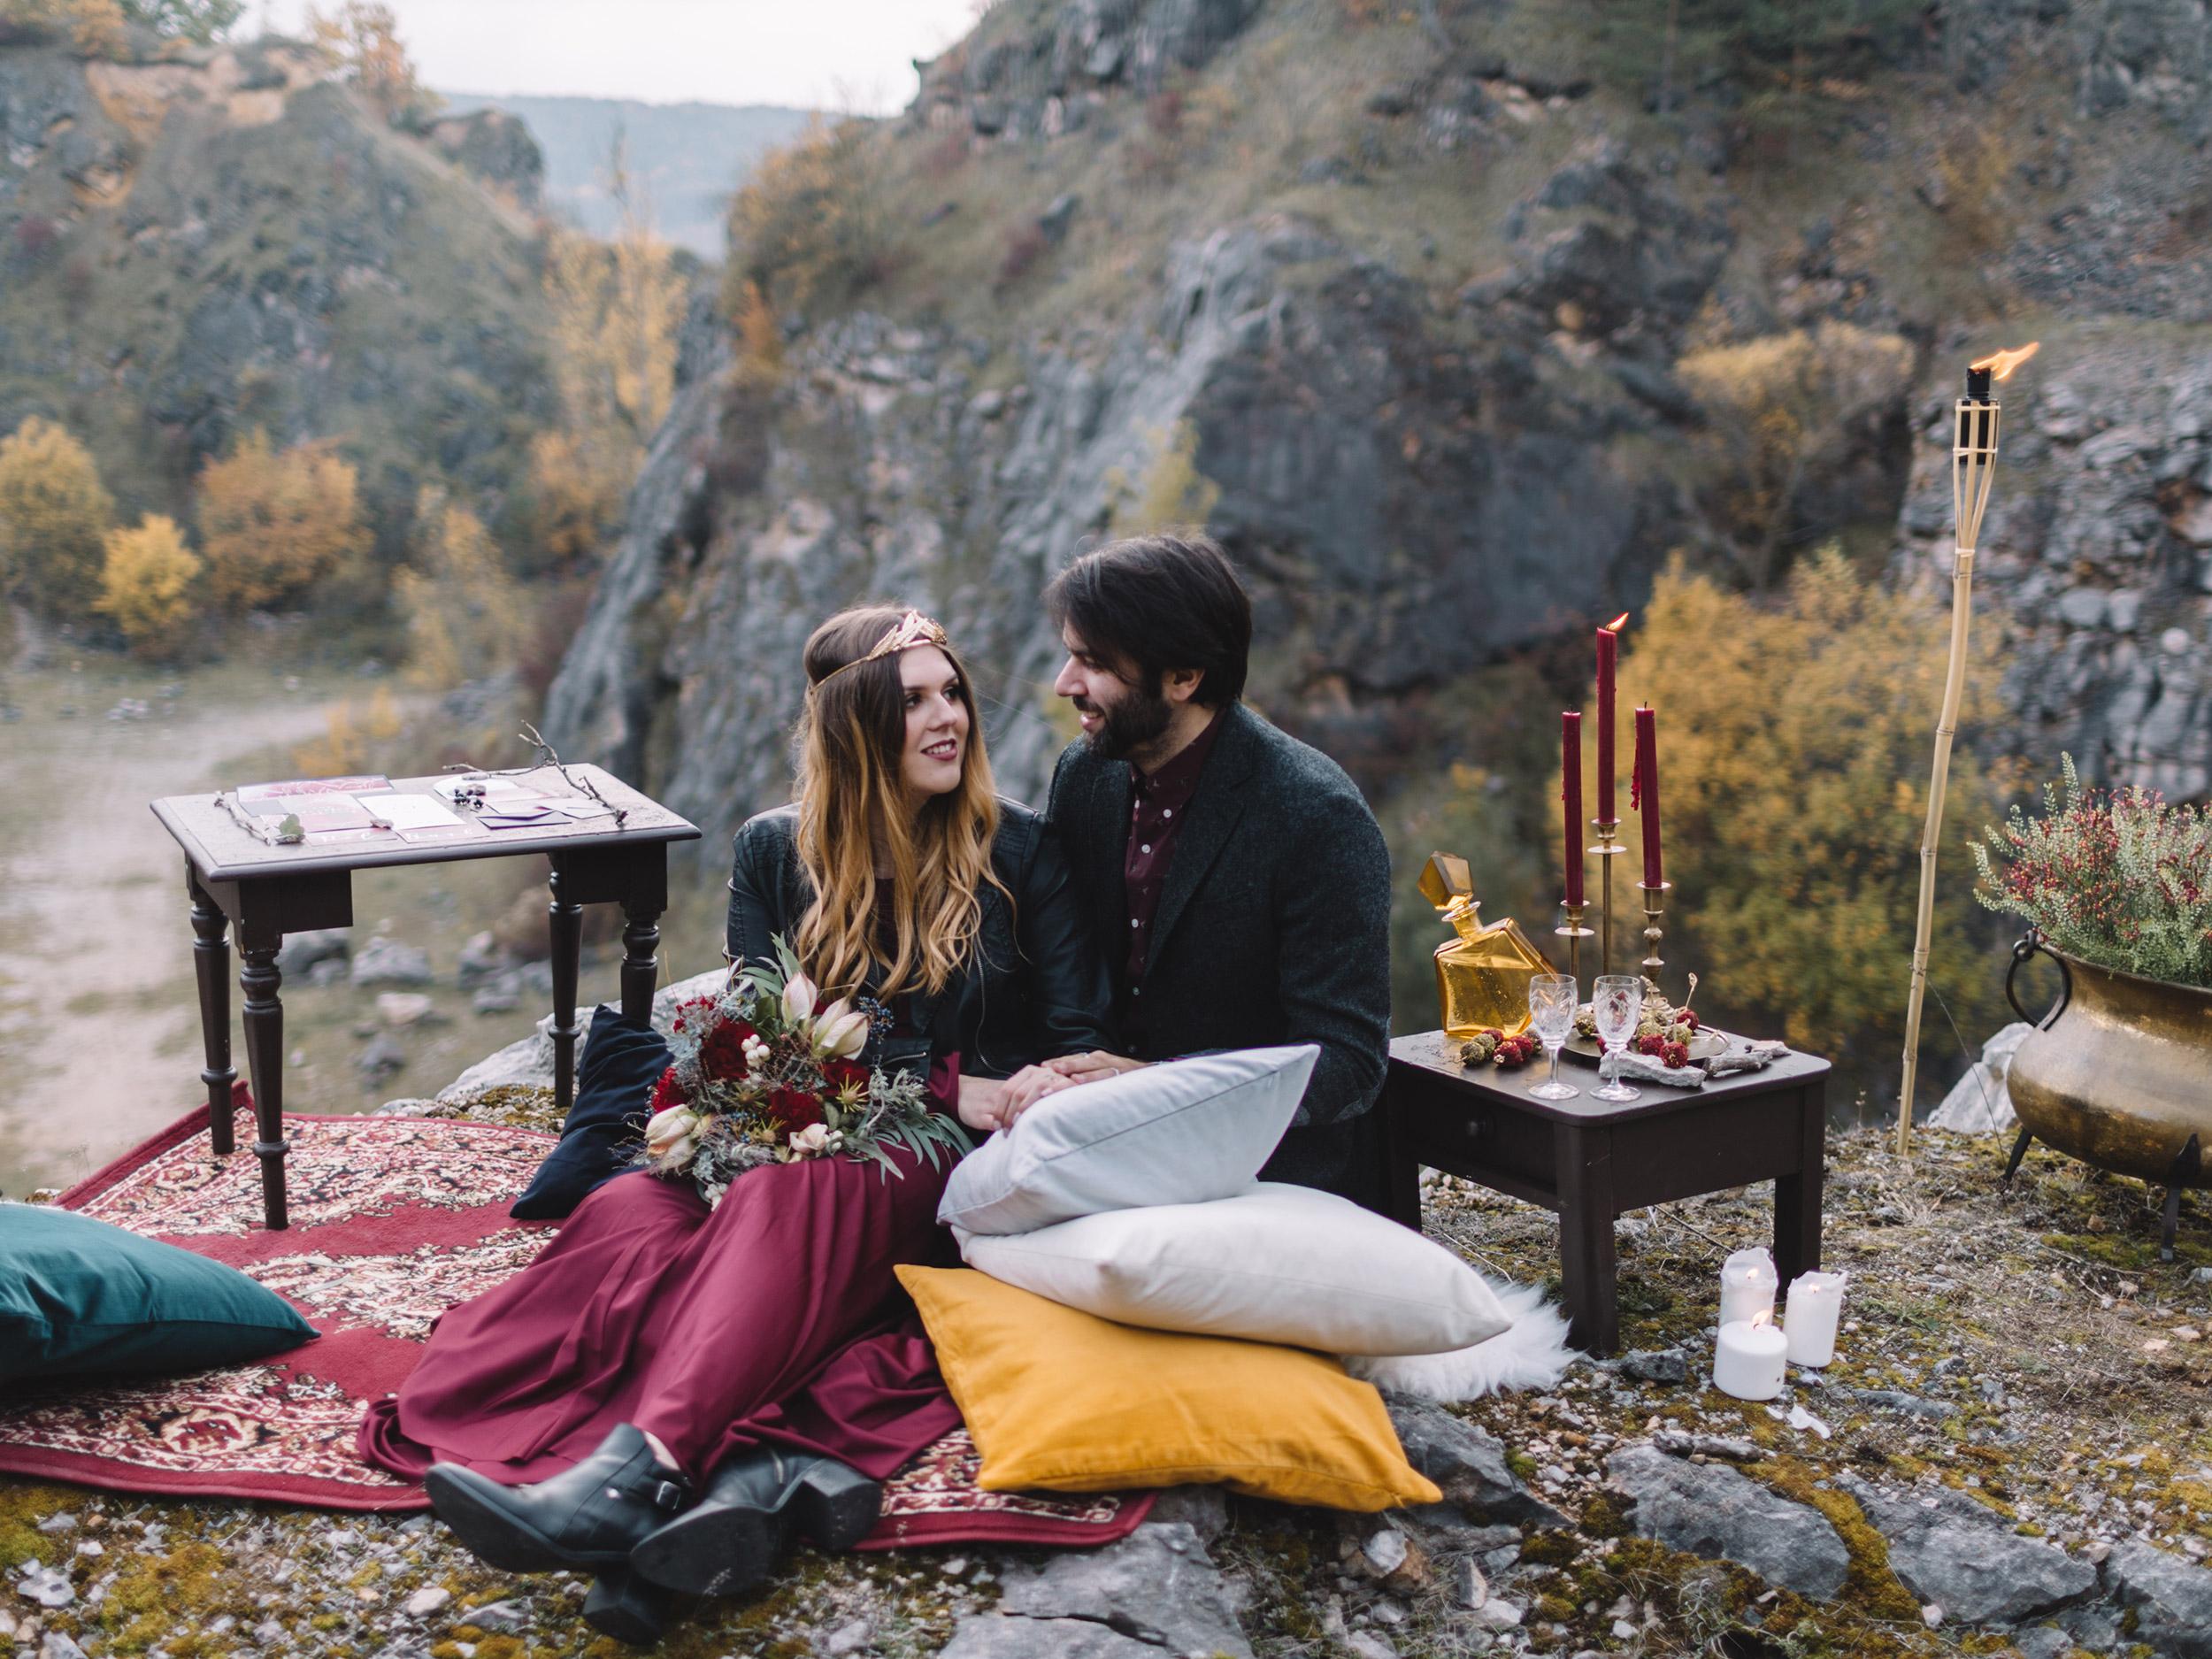 O pikniku v opuštěném lomu